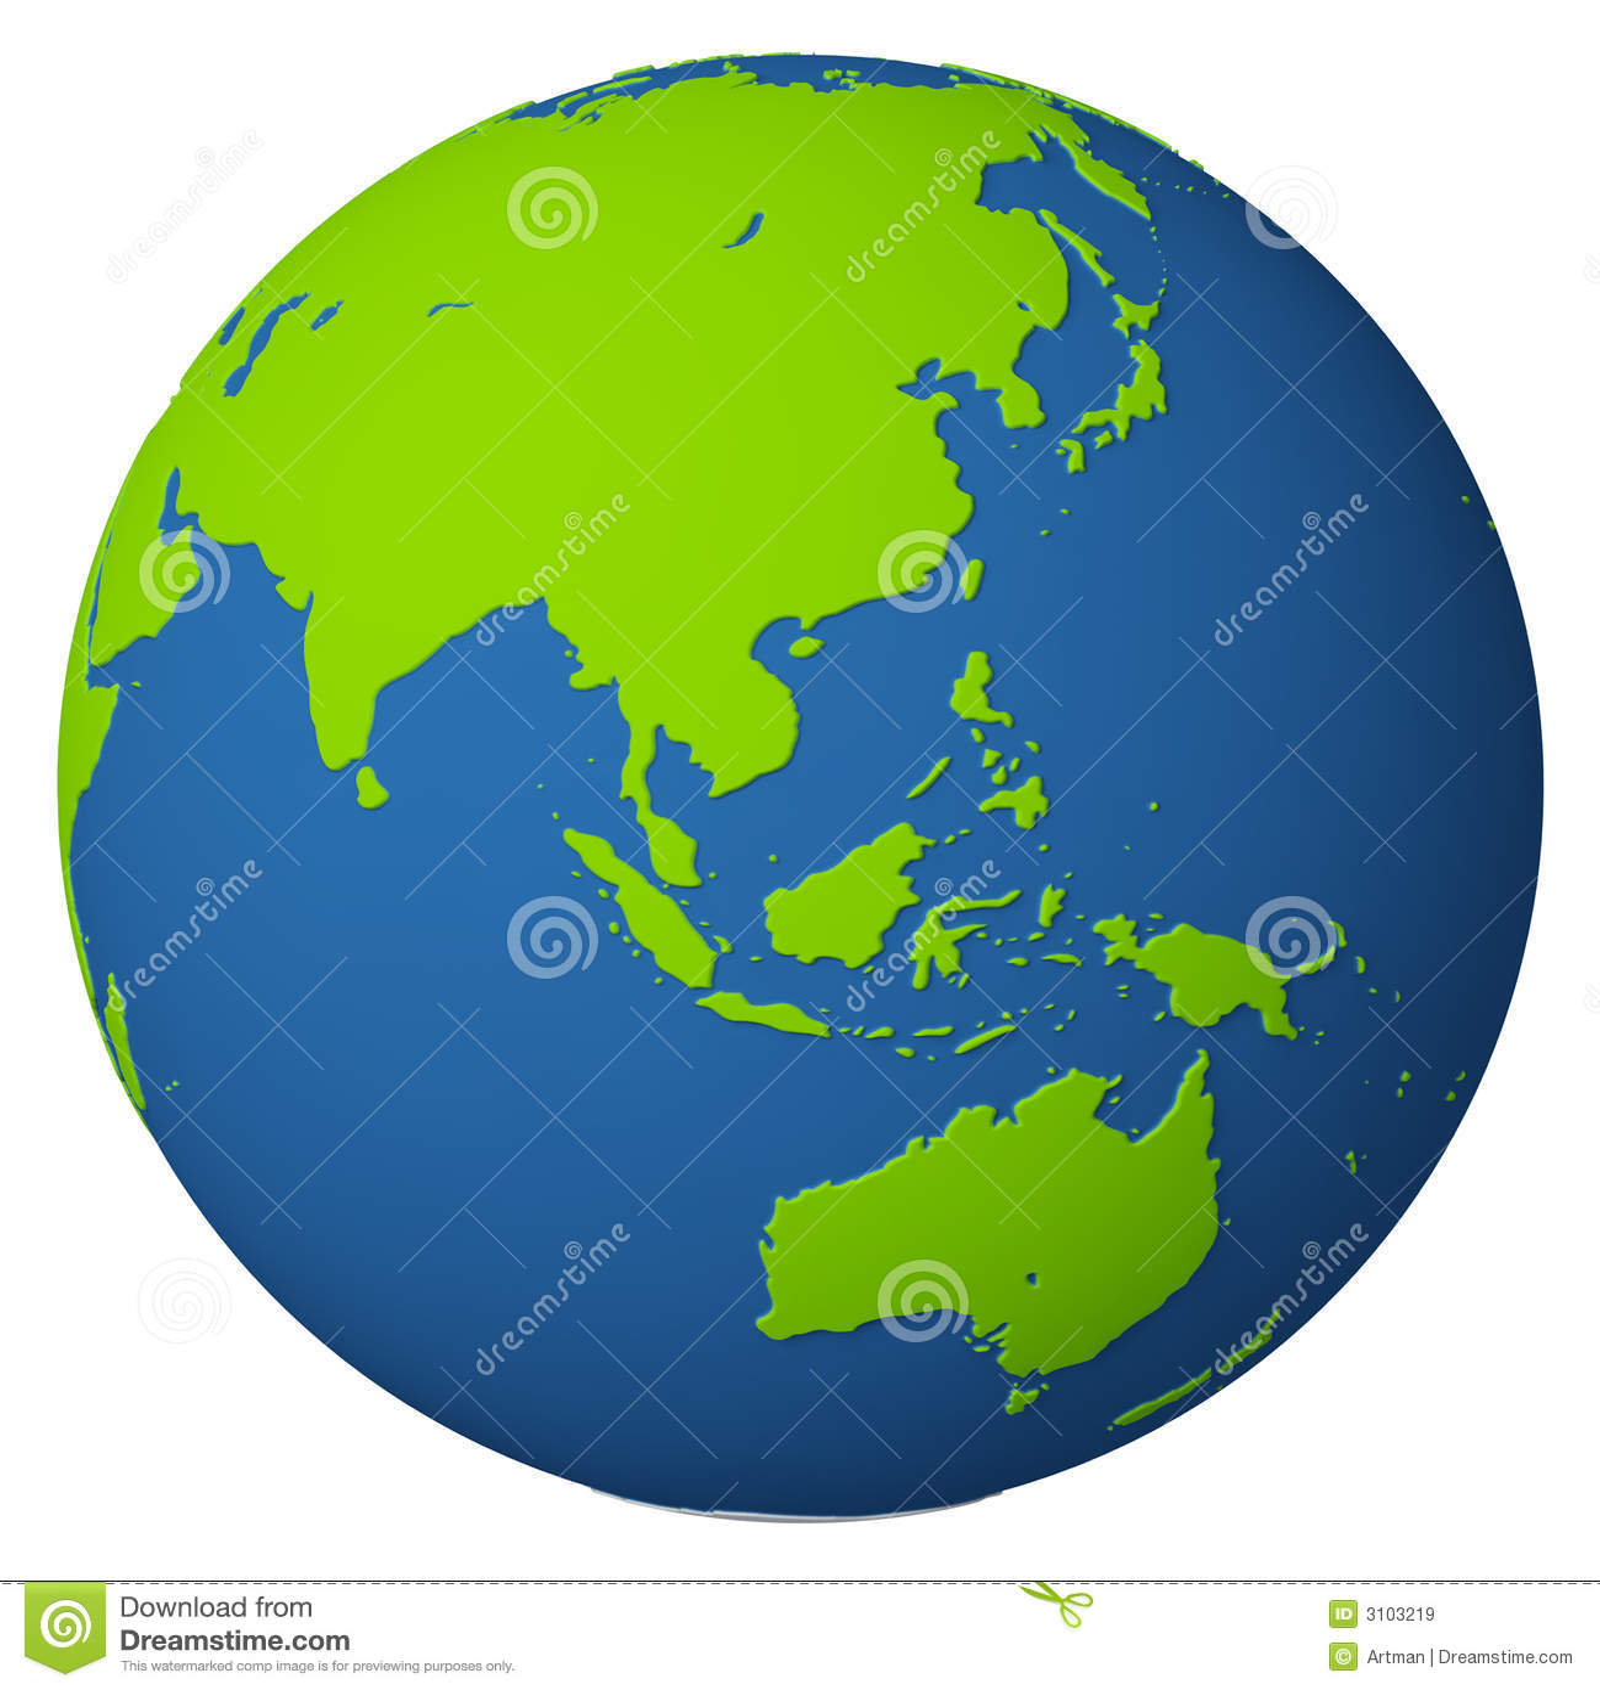 Bol/Azië en Australië